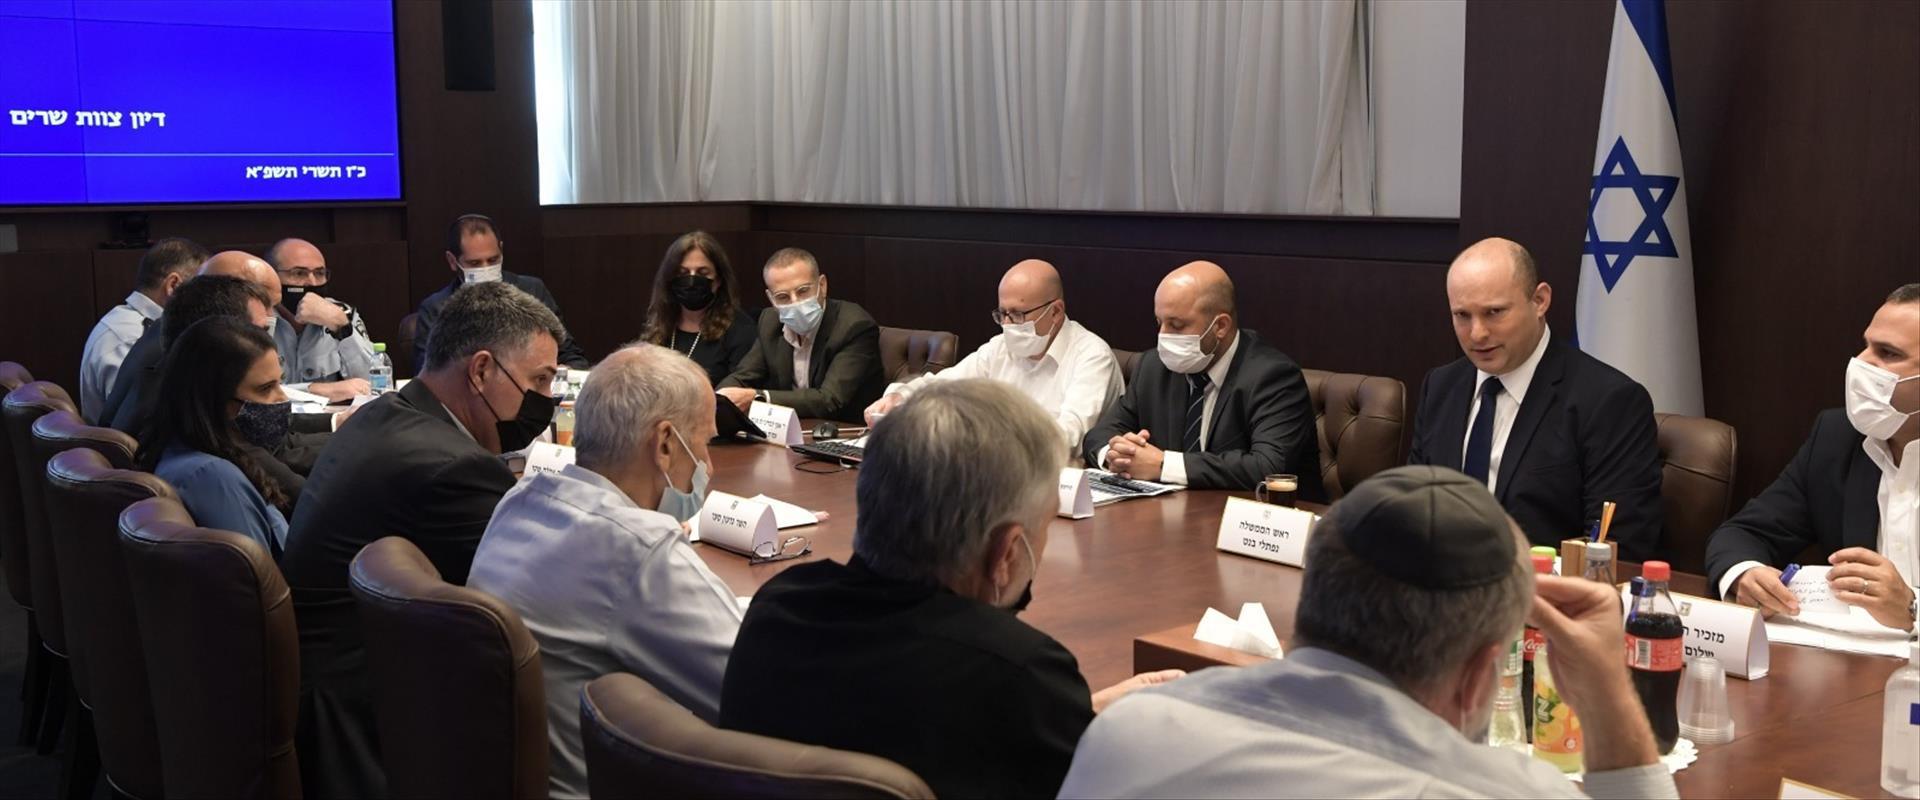 צוות השרים למאבק בפשיעה ובאלימות בחברה הערבית